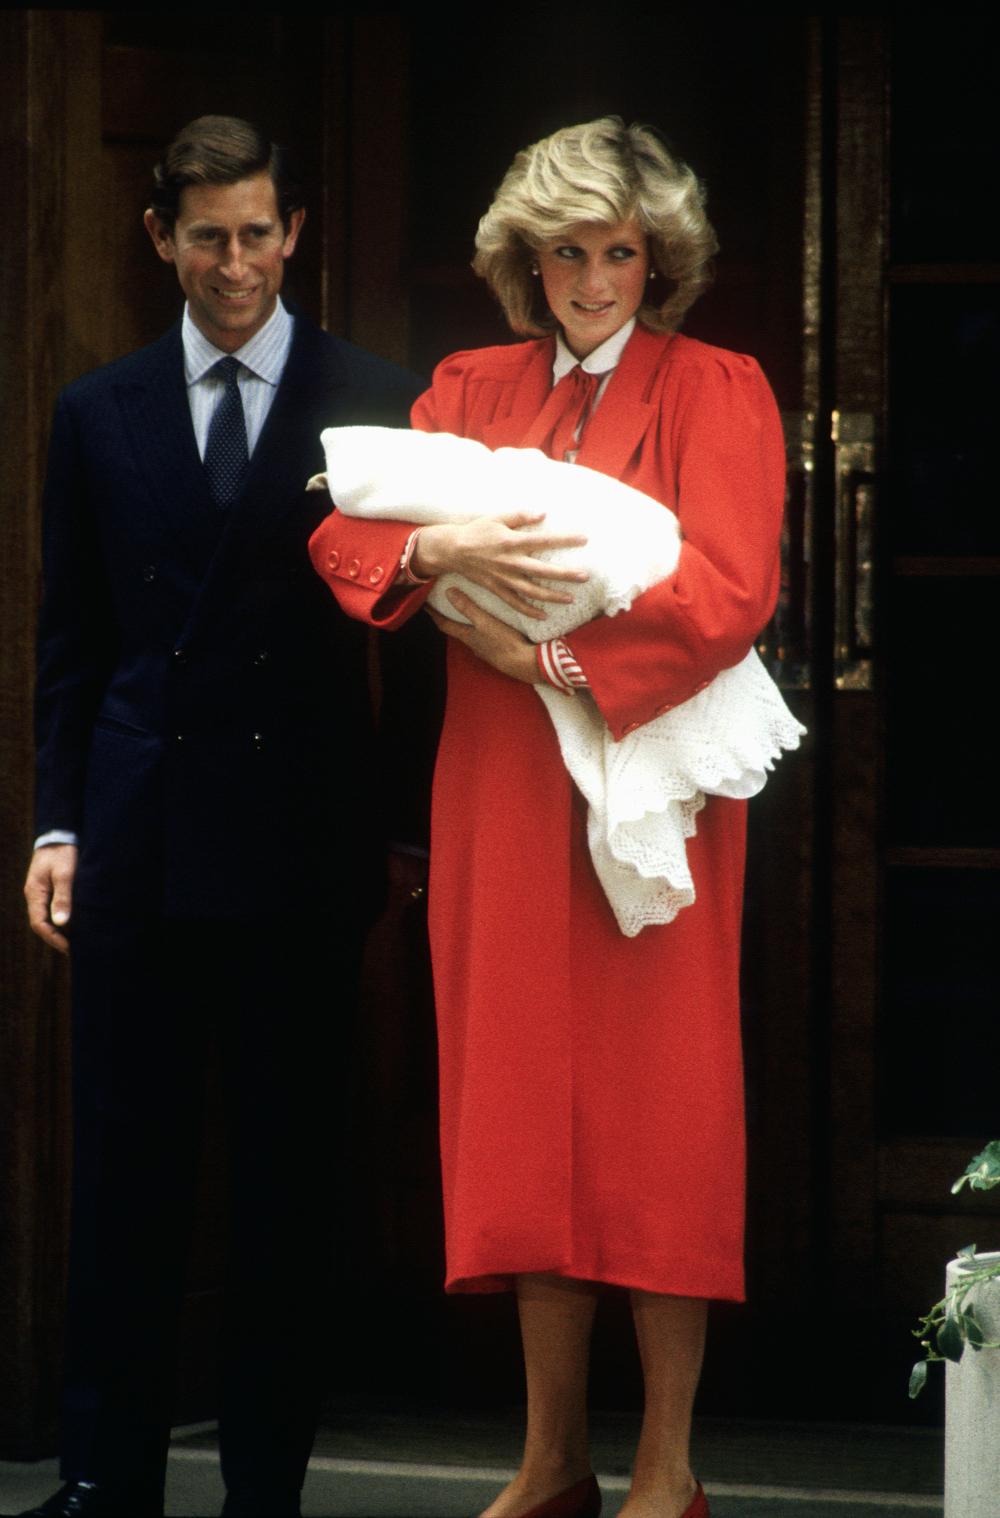 Η πριγκίπισσα Νταϊάνα με κατακόκκινο φόρεμα στην γέννηση του πρίγκιπα Χάρι